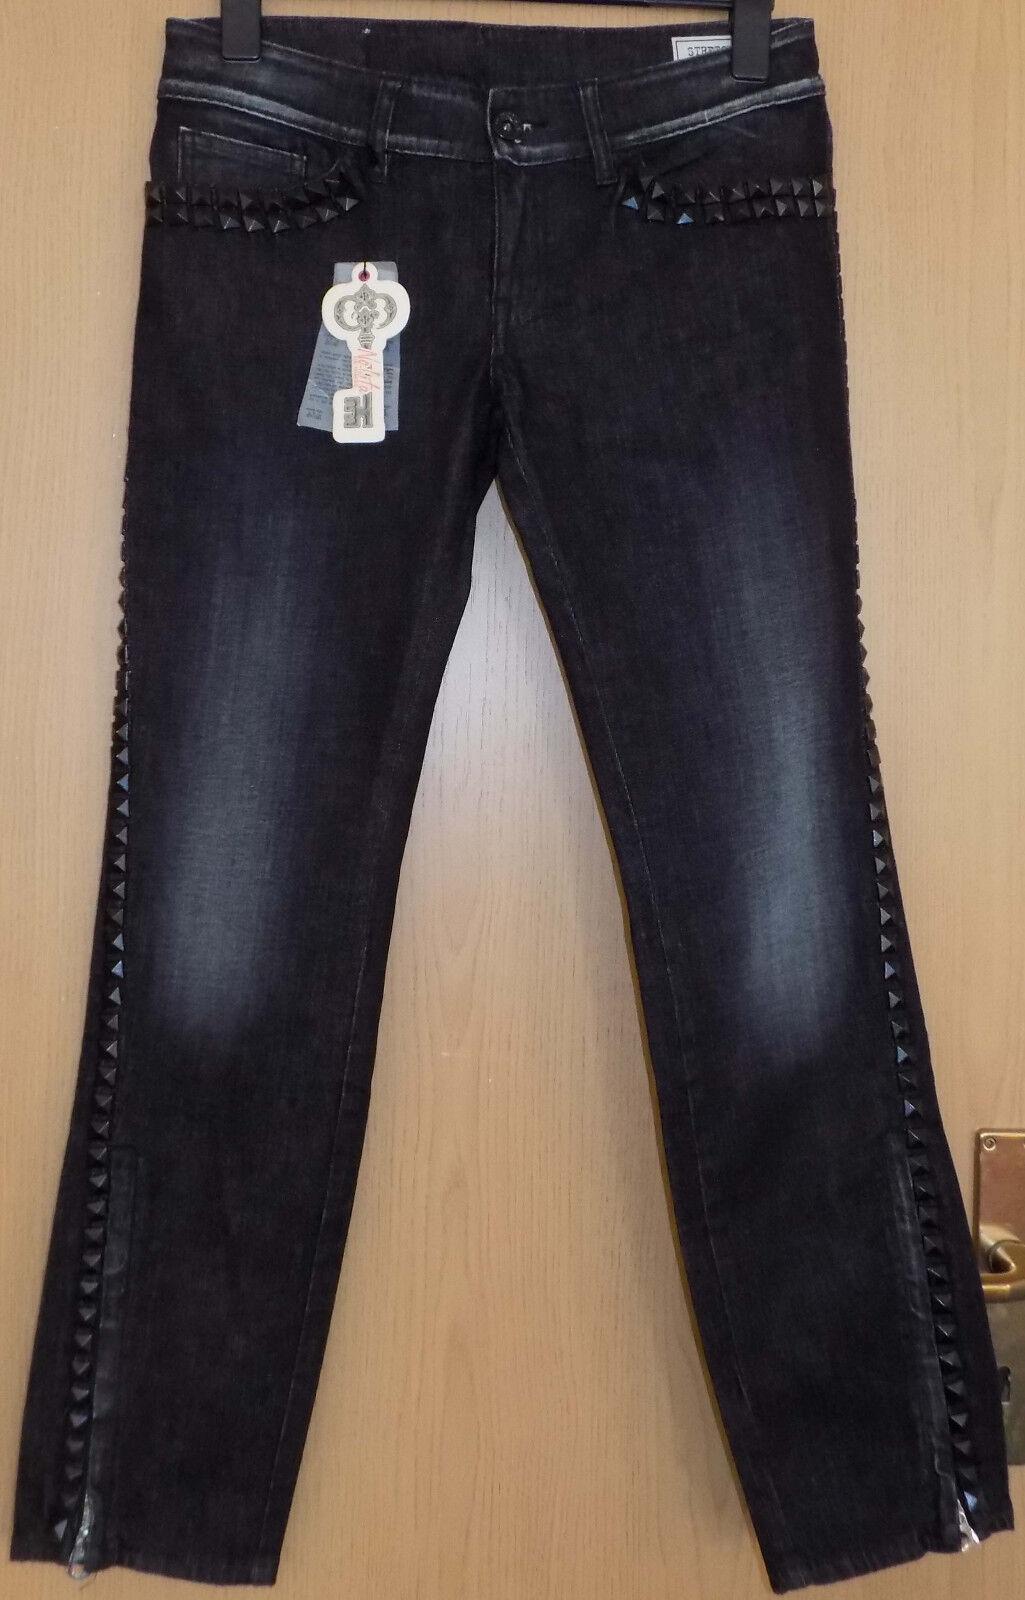 NEU ITALY sehr schöner elegante Damen Jeans Hose NO-L-ITA Gr. 30 Neupreis